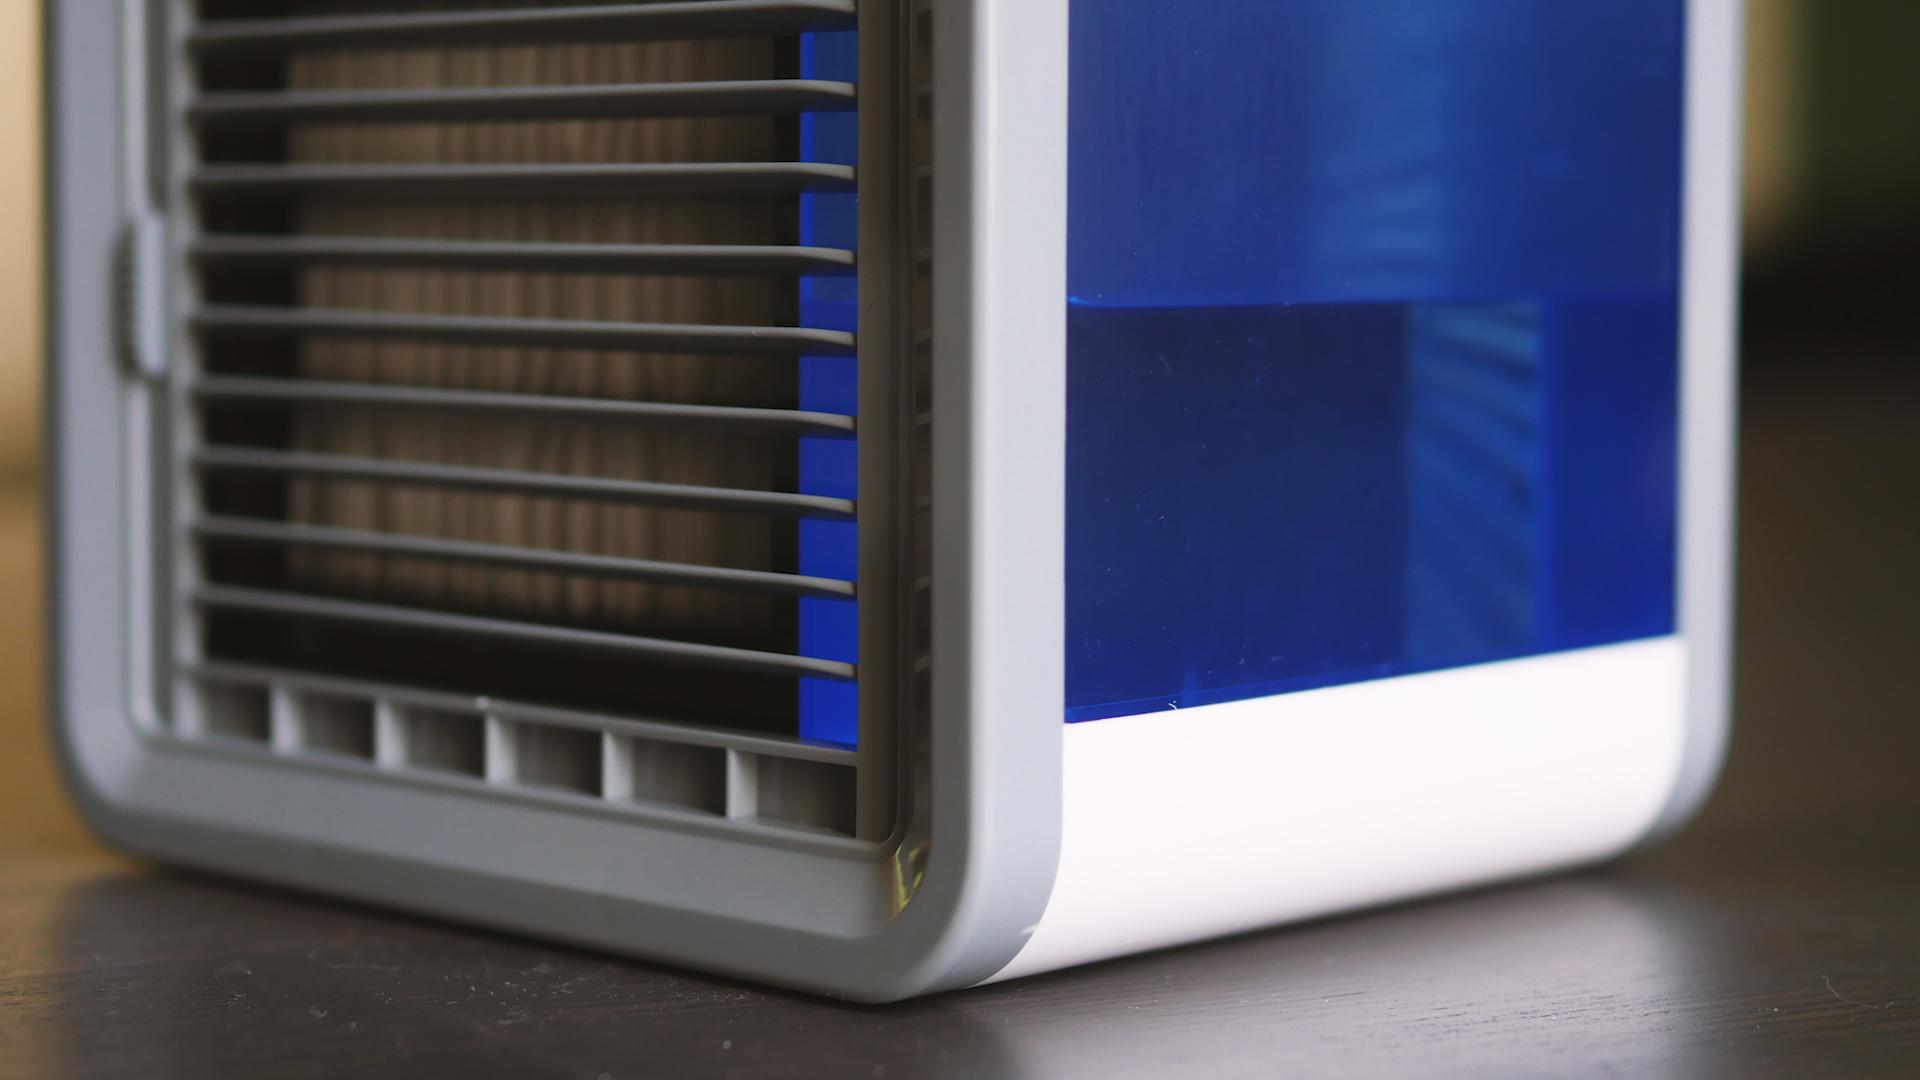 Cache Clim Pas Cher on a testé le climatiseur révolutionnaire que les français s